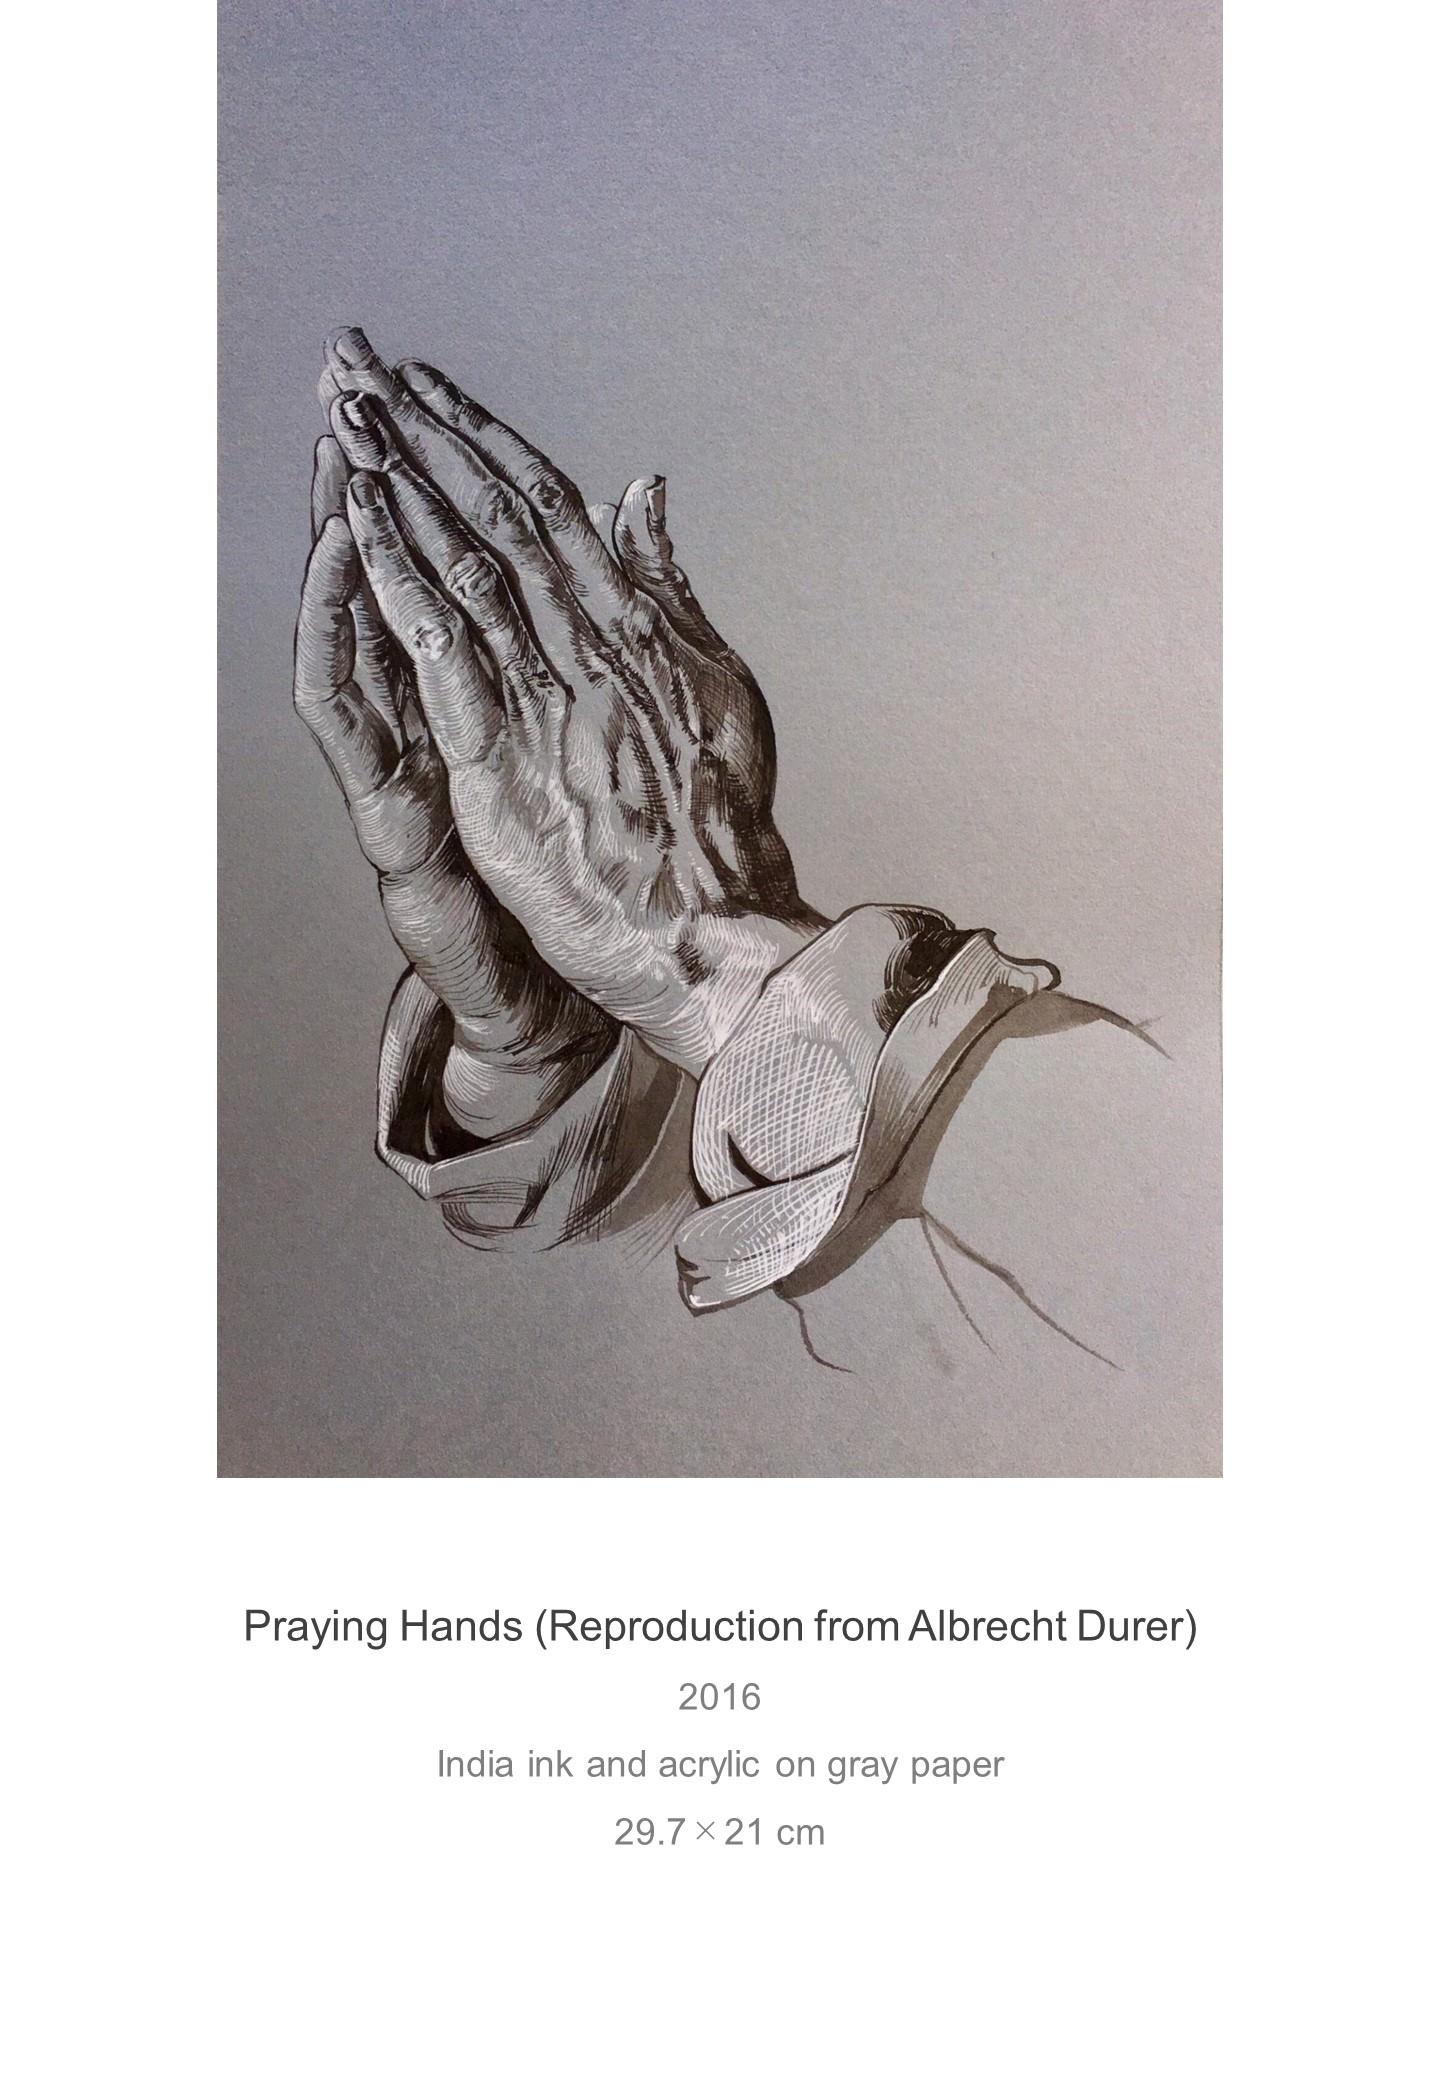 Shota Imai's Artwork of Praying Hands